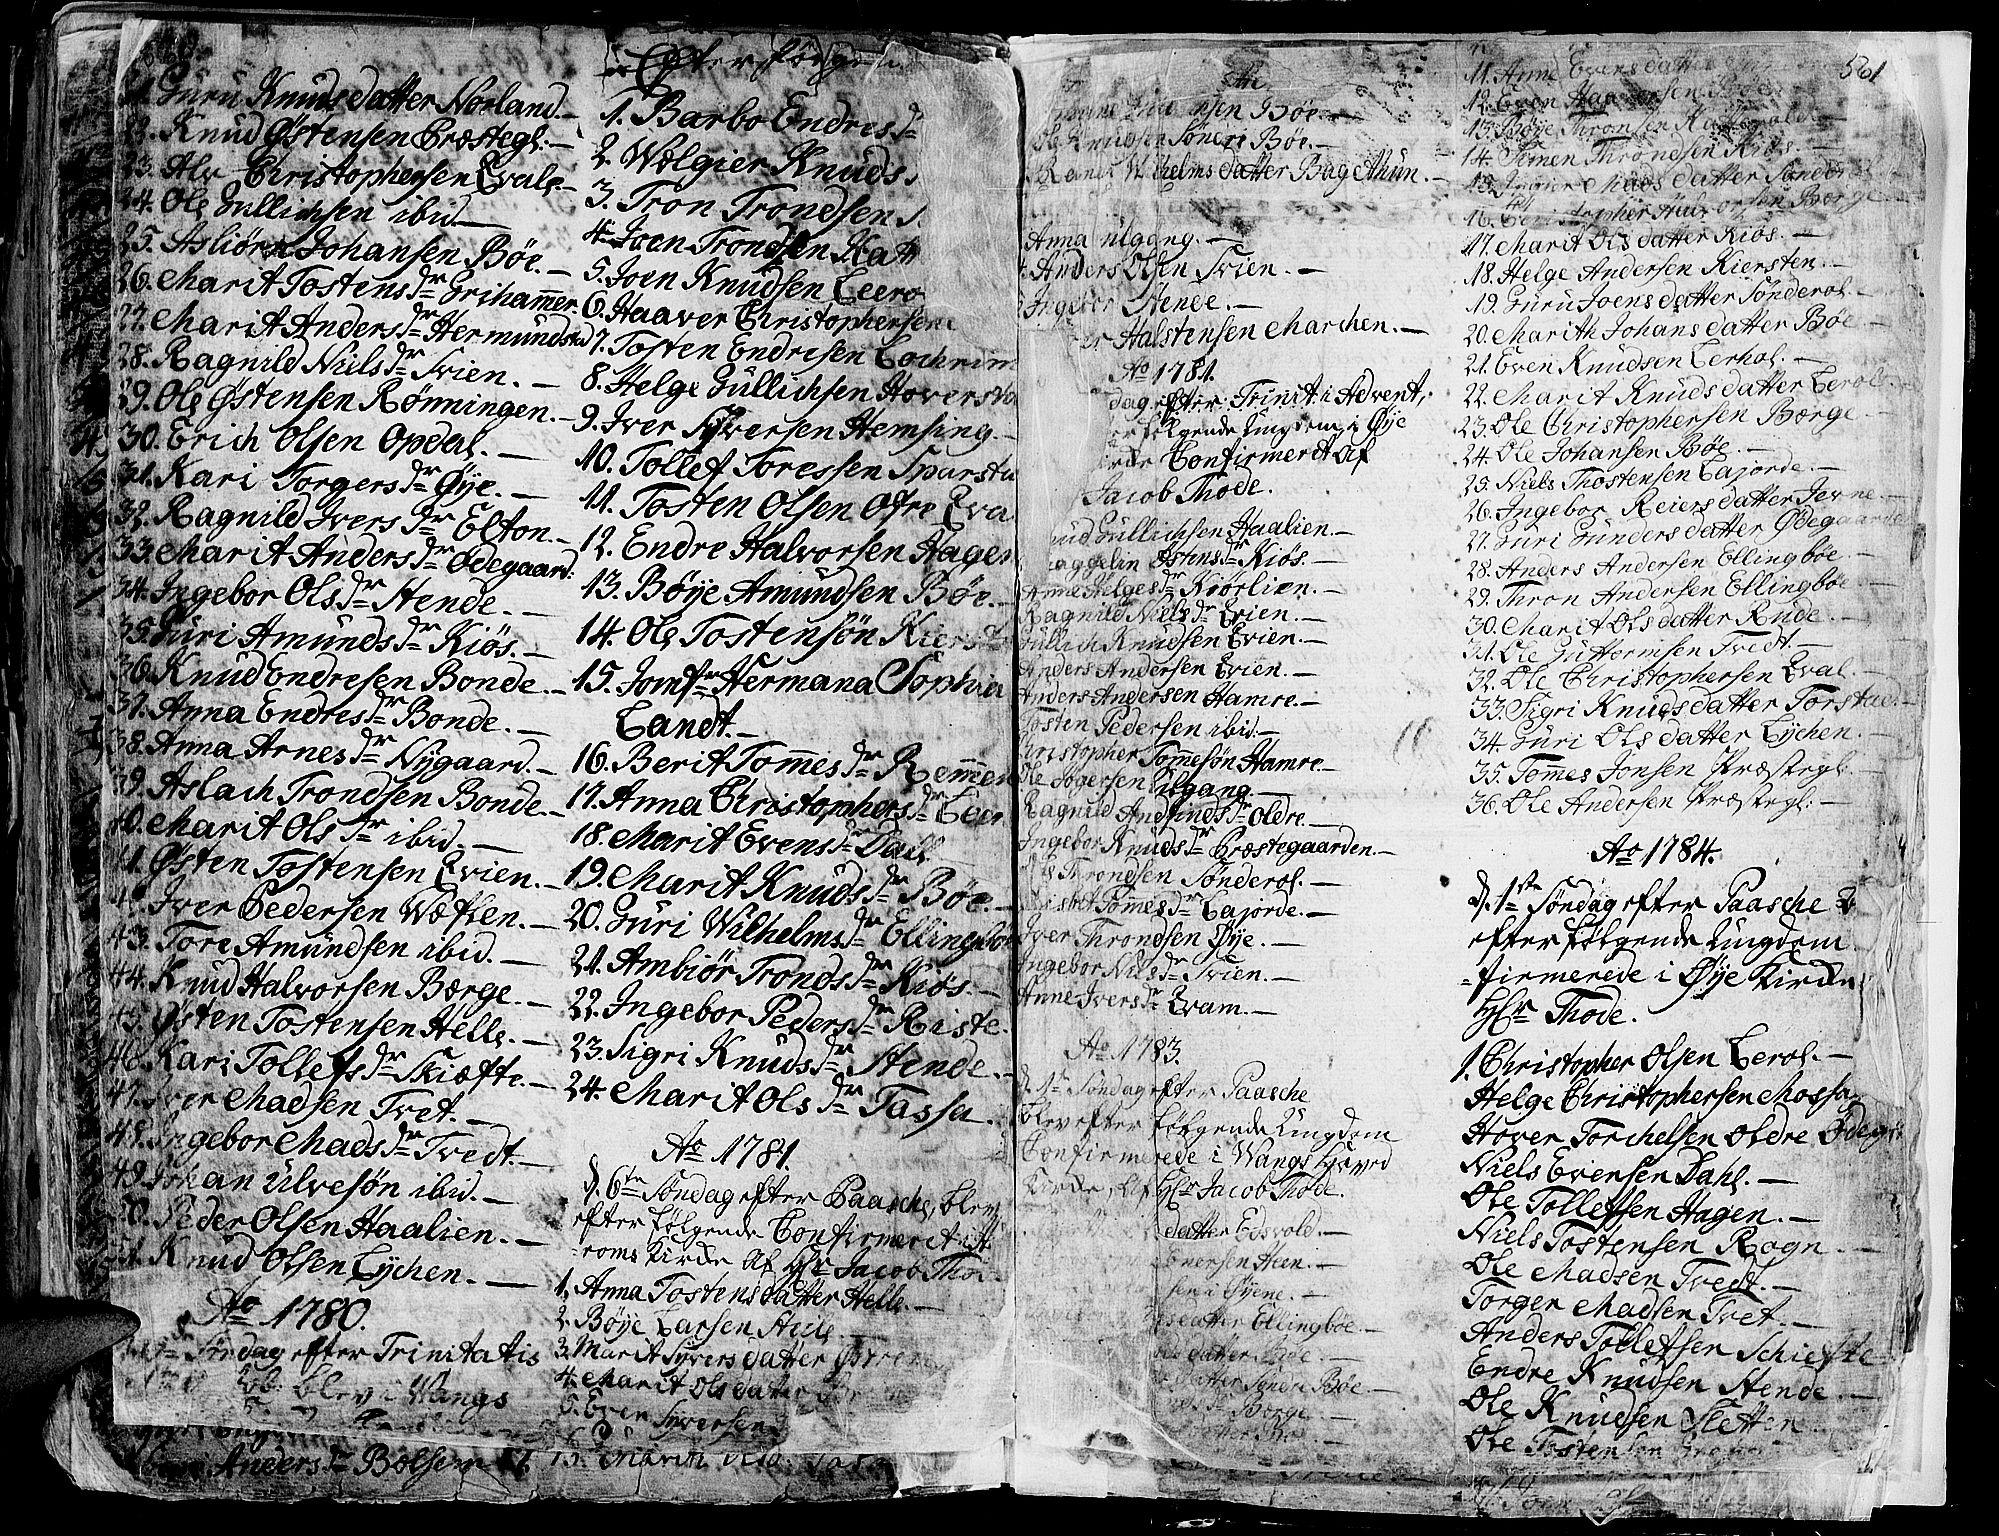 SAH, Vang prestekontor, Valdres, Ministerialbok nr. 1, 1730-1796, s. 560-561